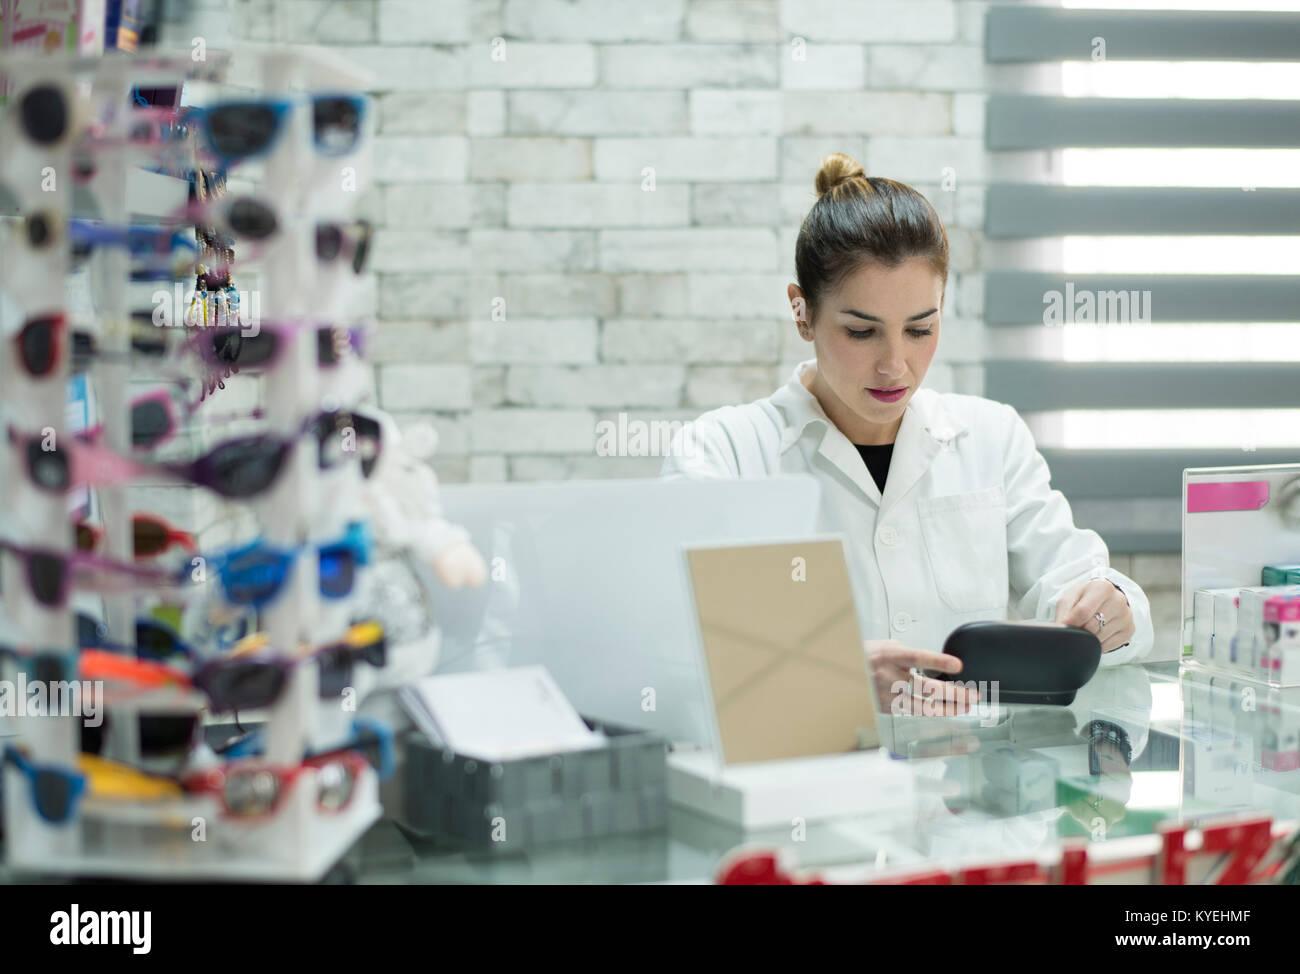 Giovane donna lavoratrice in farmacia cercando bicchieri box Immagini Stock